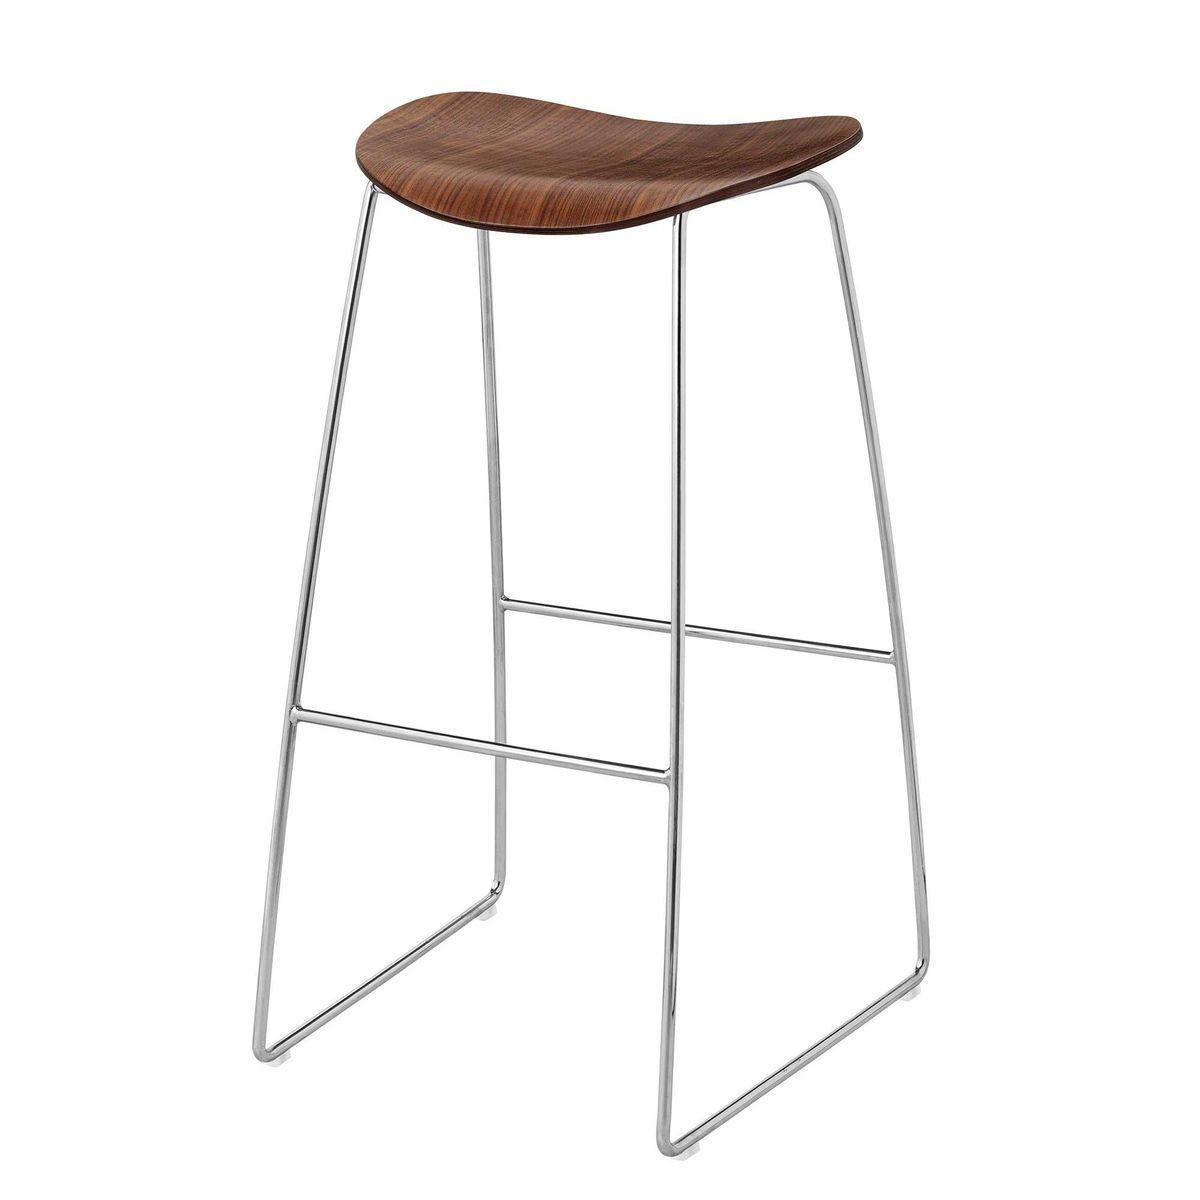 Gubi 2d bar stool barhocker mit kufengestell gubi for Barhocker 2d cad